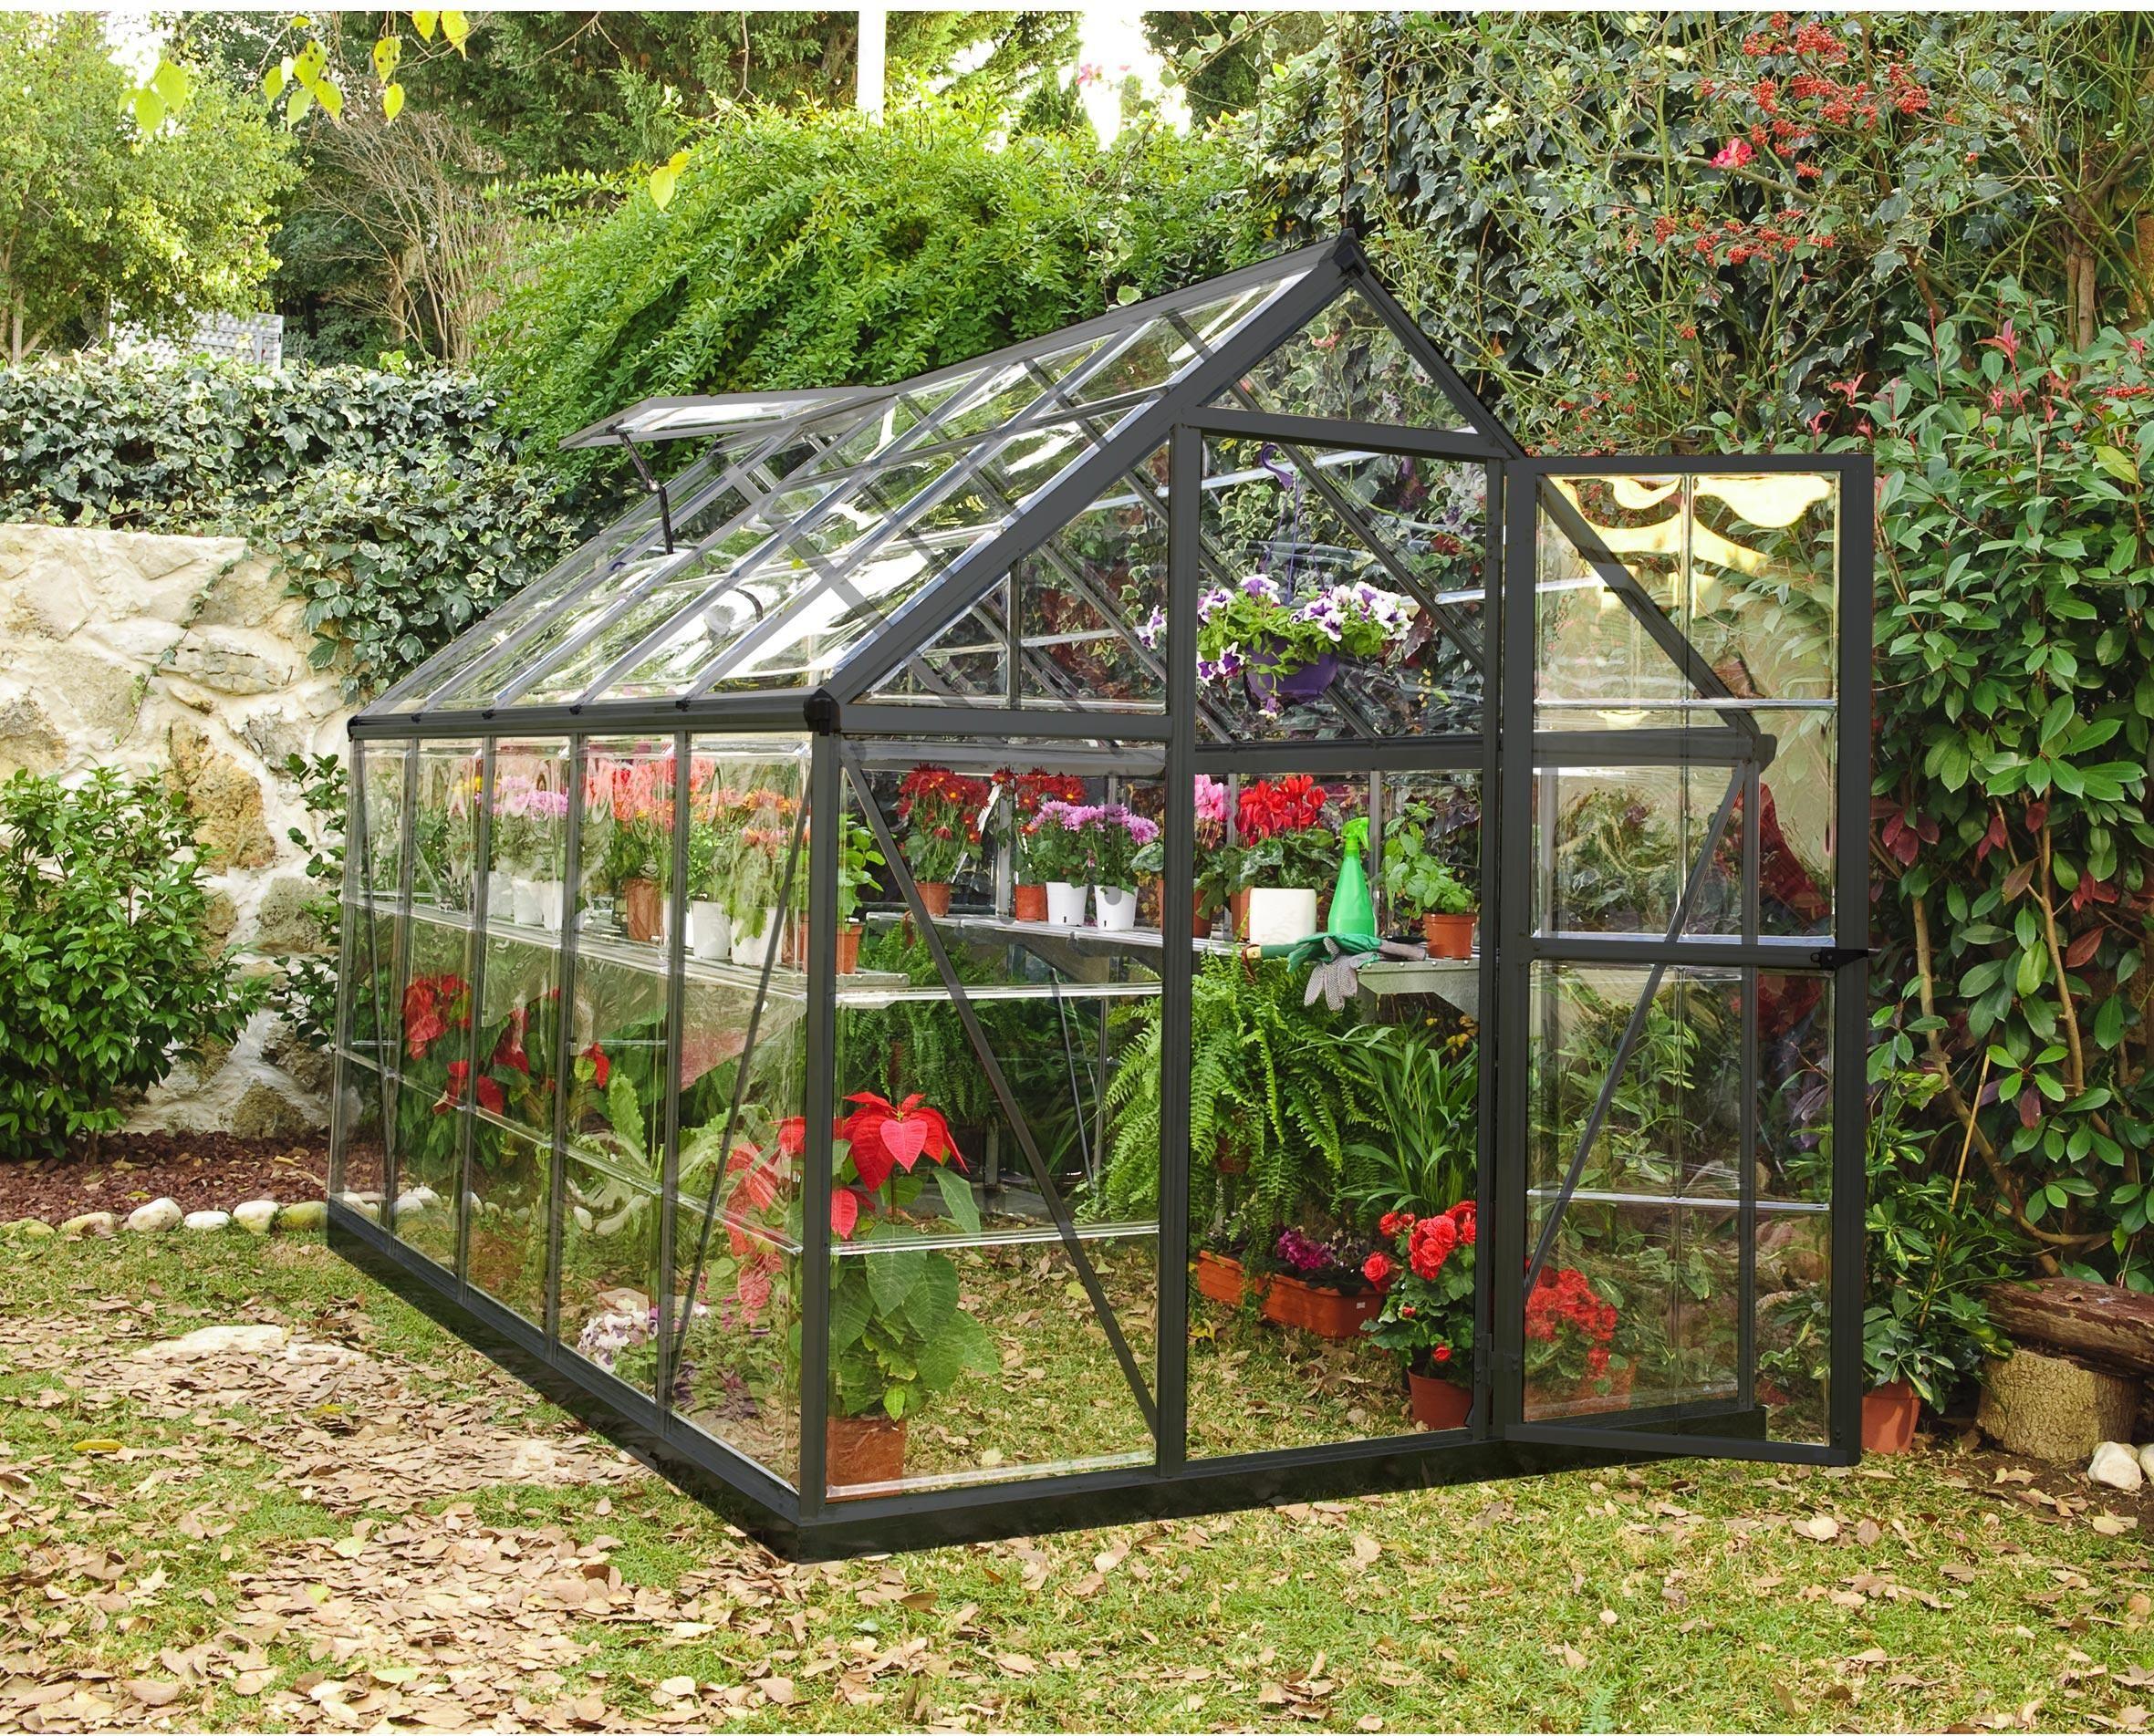 Serre De Jardin Alu Et Polycarbonate Palram Harmony, 5.6 ... pour Serre De Jardin Lidl 2020